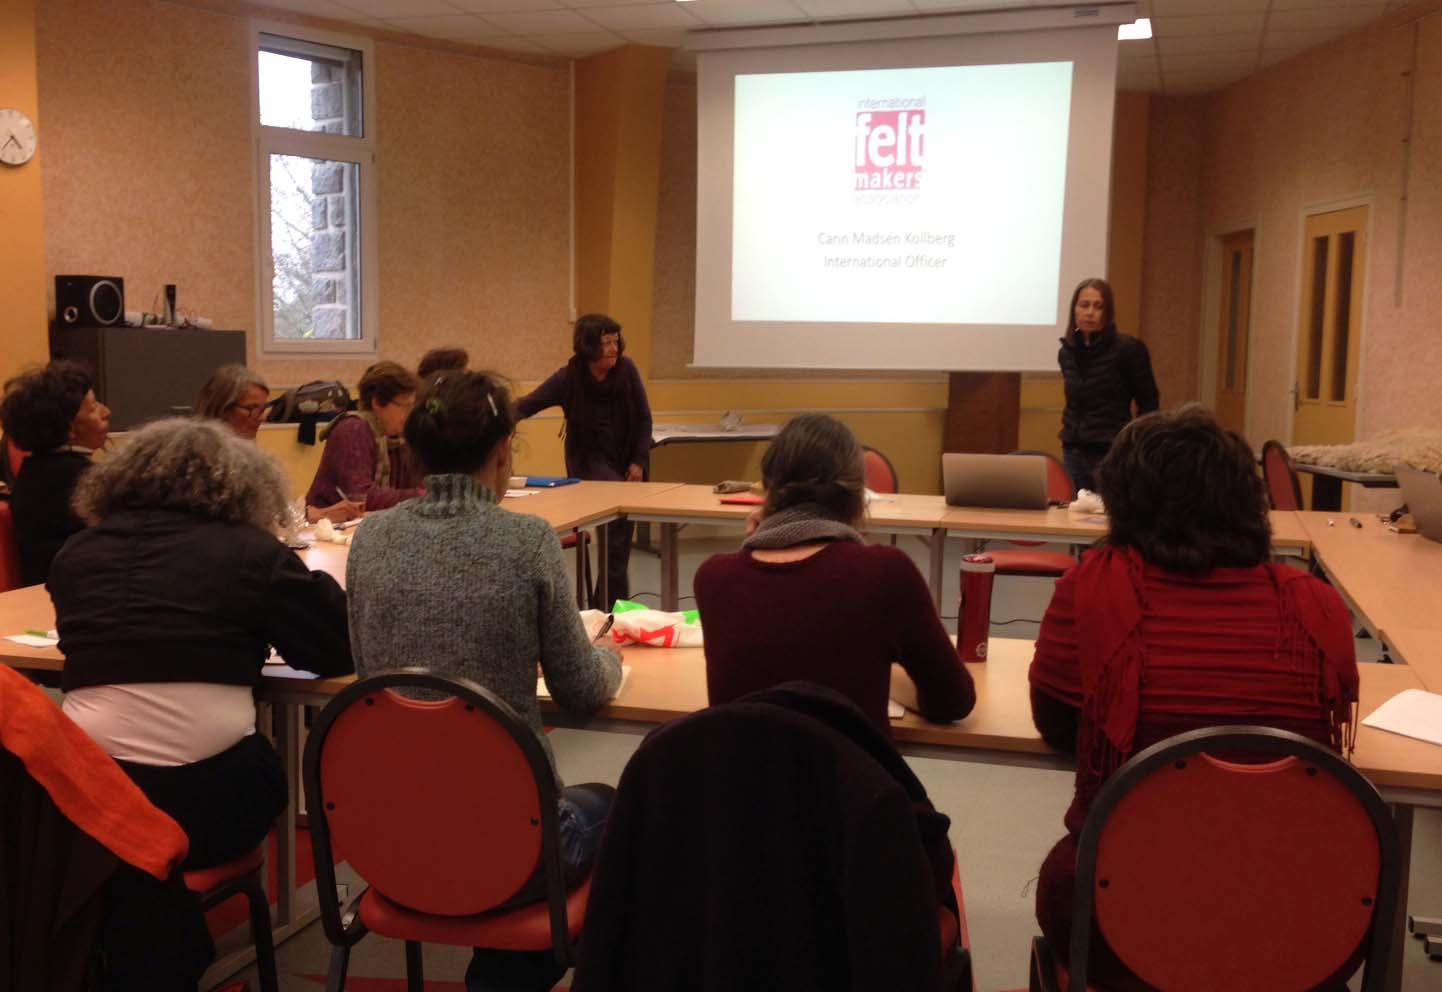 Meeting in Felletin